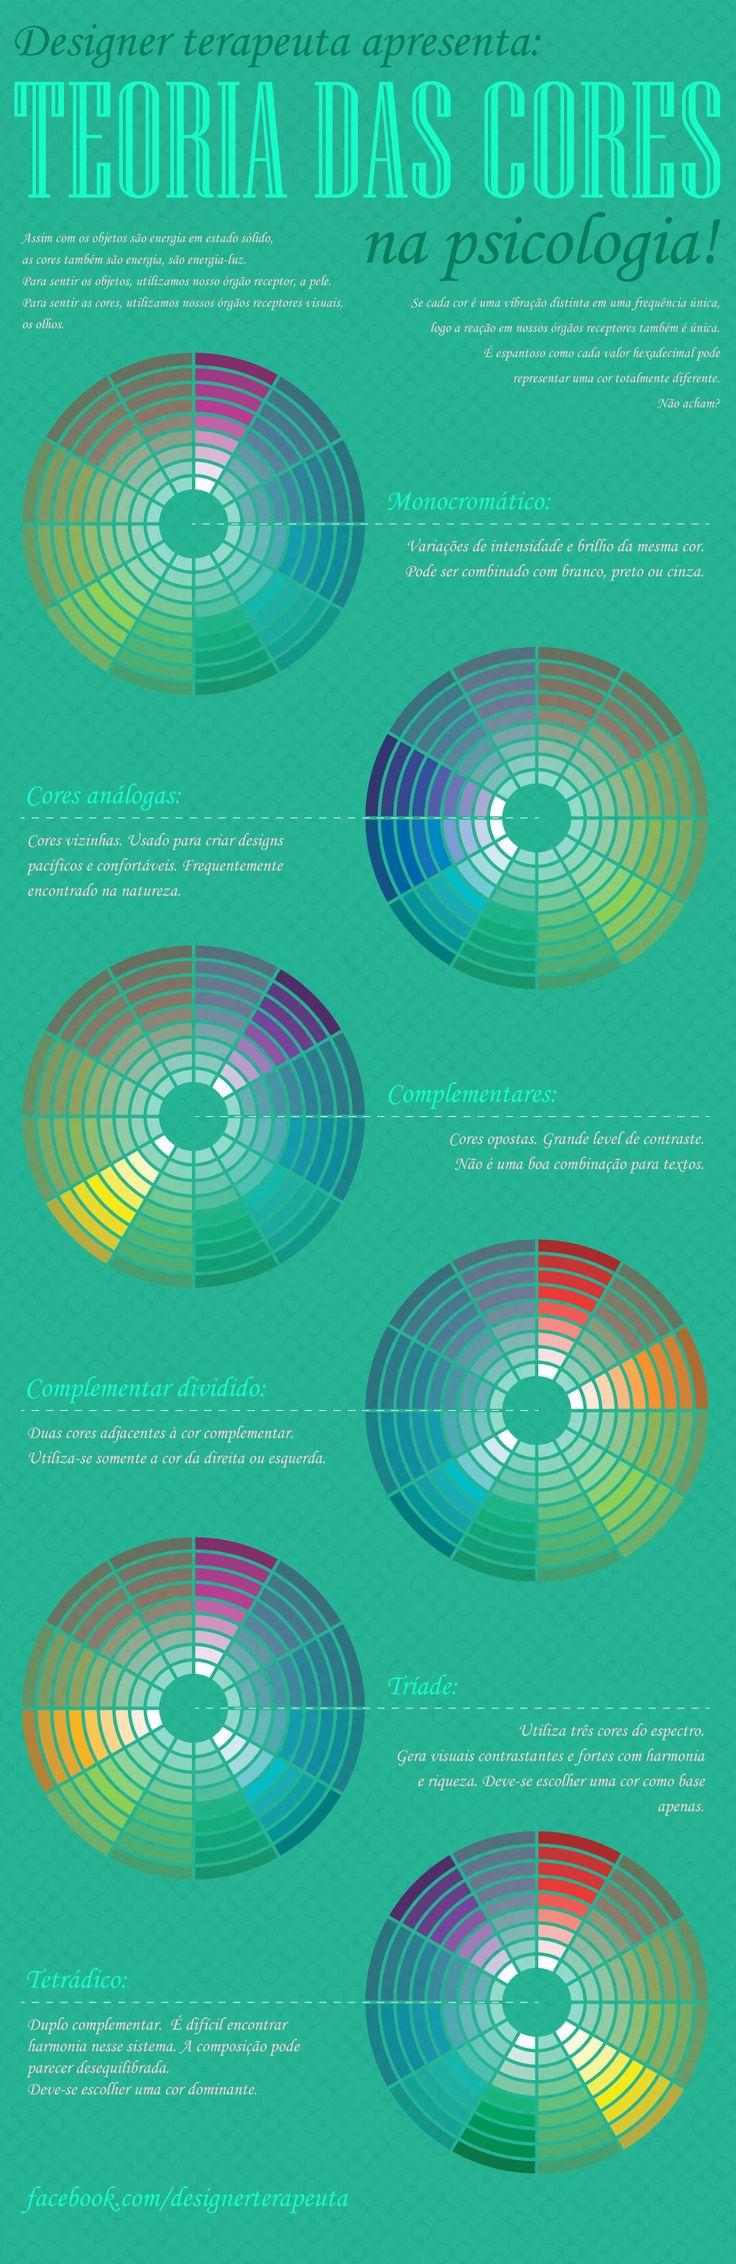 Designer terapeuta apresenta:  TEORIA DAS CORES na psicologia!  Se cada cor é uma vibração distinta em uma frequência única, logo a reação em nossos órgãos receptores também é única. É espantoso como cada valor hexadecimal pode   representar uma cor totalmente diferente. Não acham?